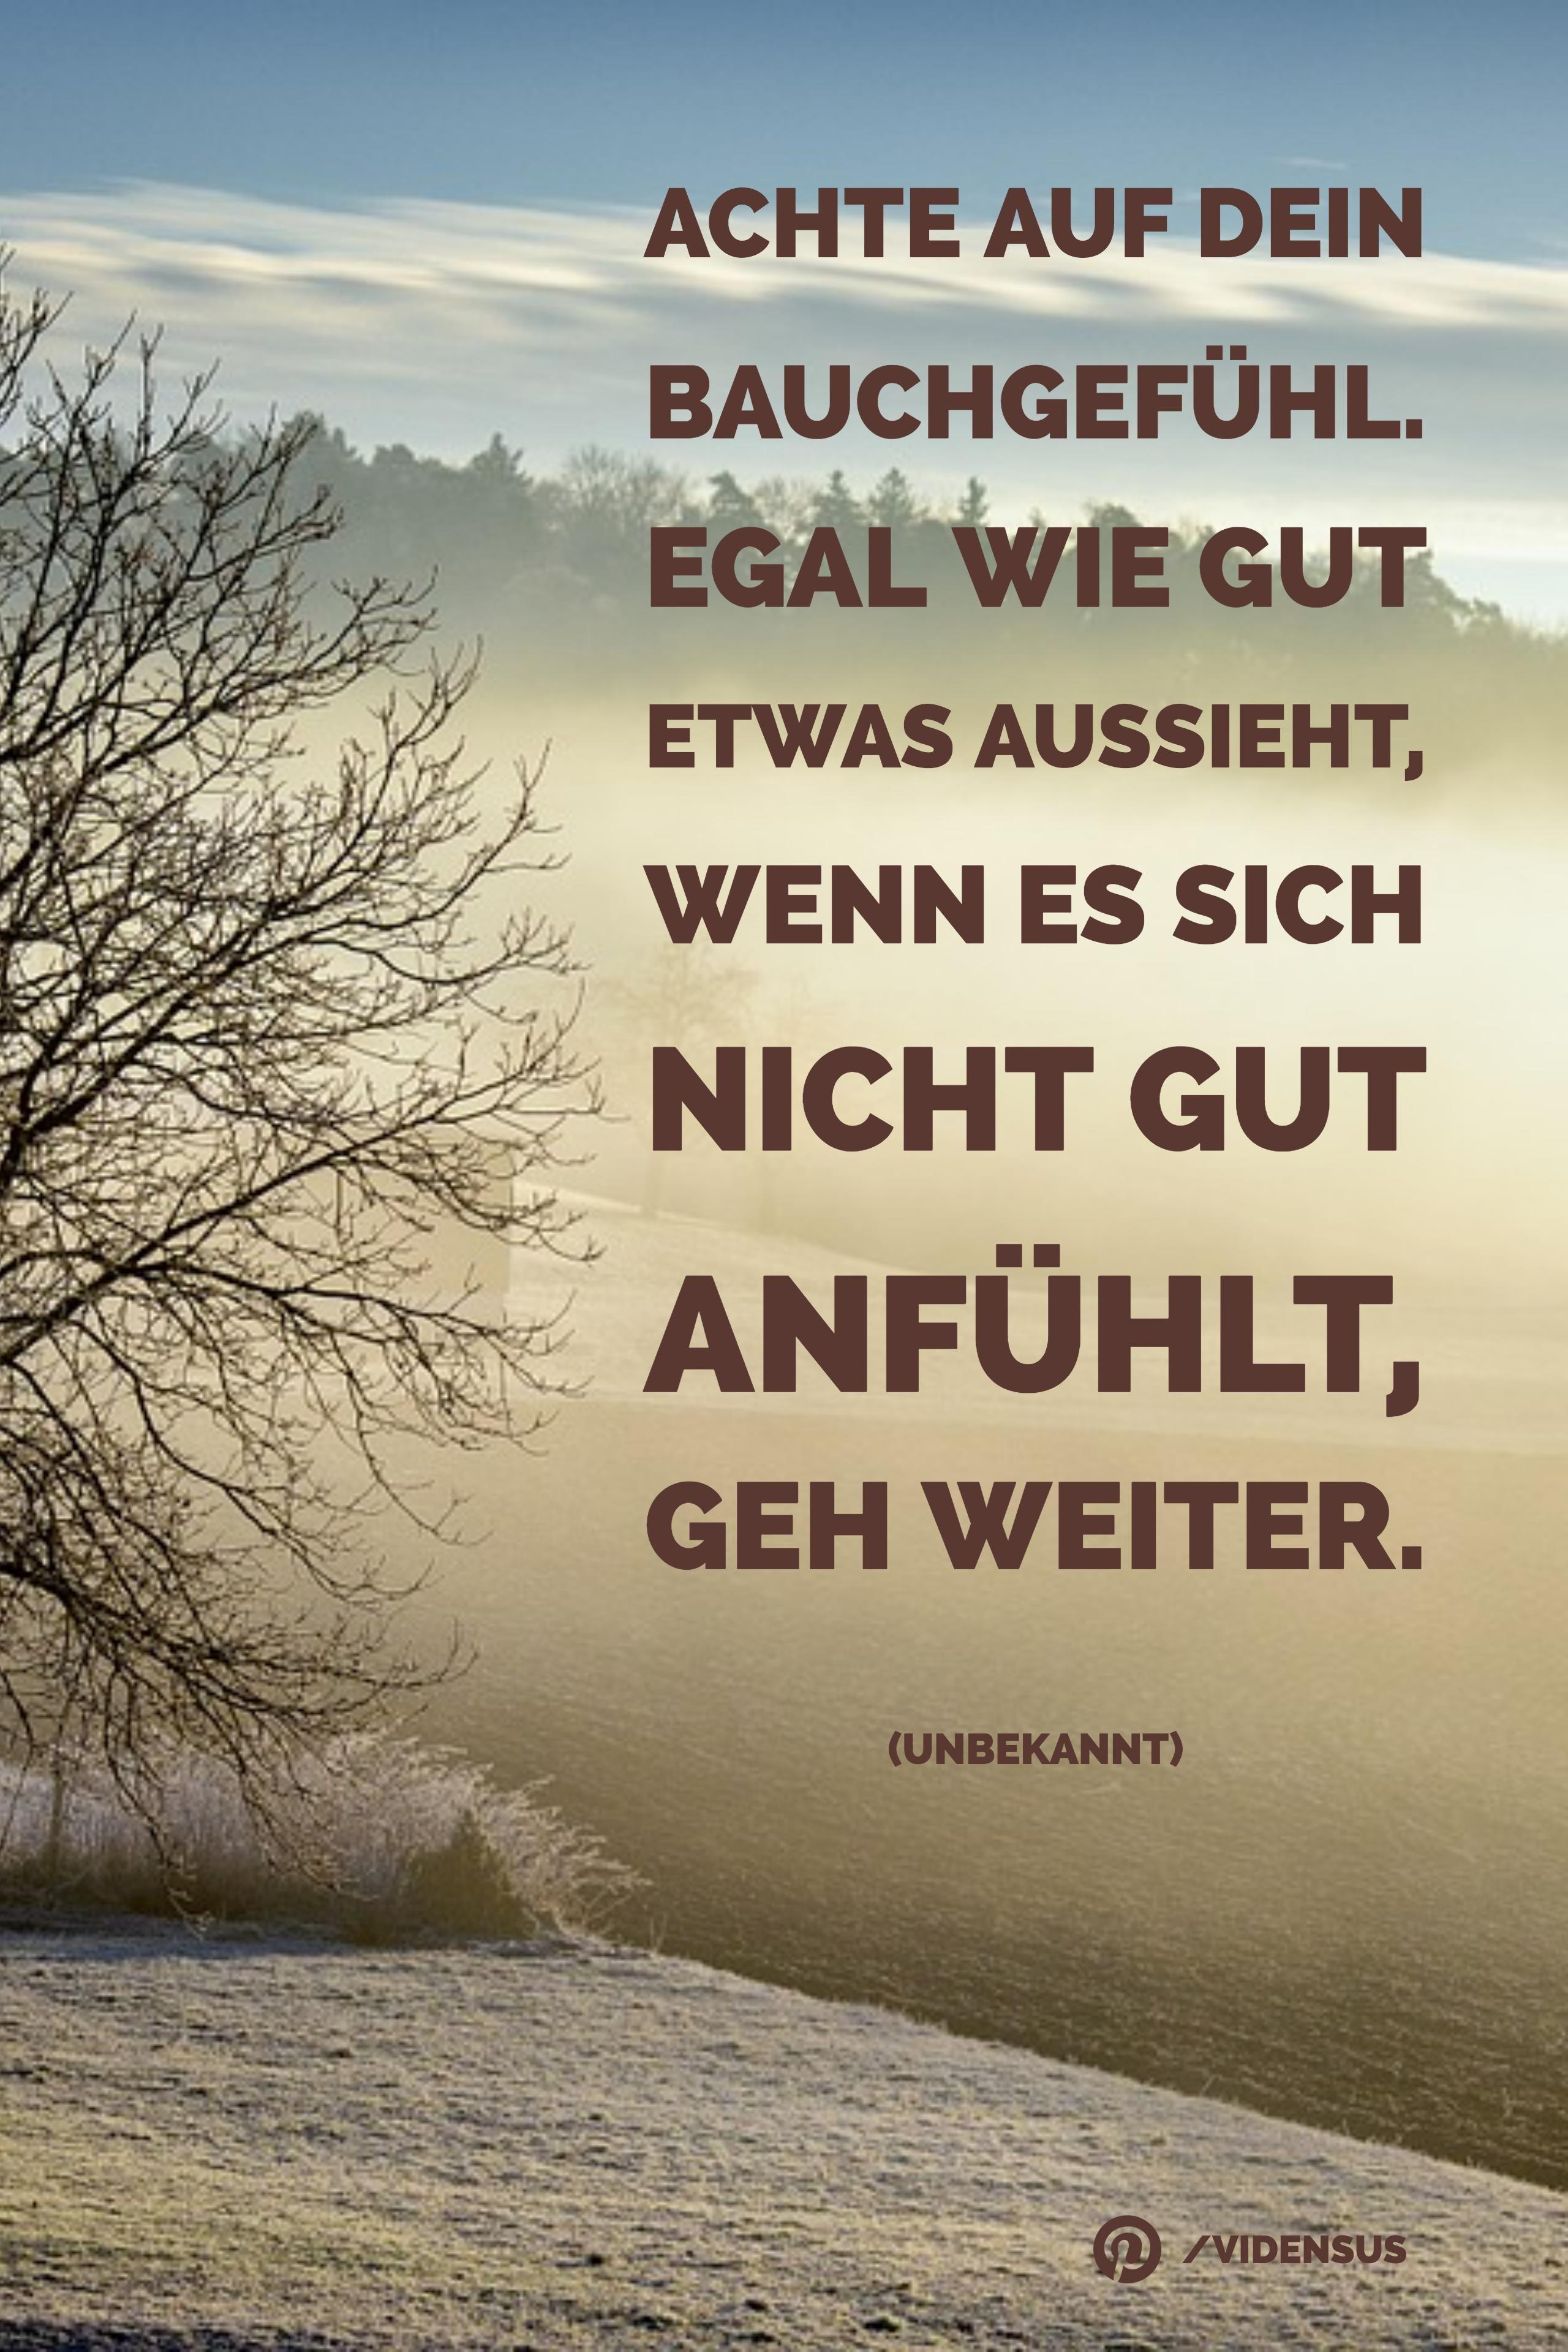 sprüche weisheiten zitate #sprüche #weisheiten #bauchgefühl | Zitate | Quotes  sprüche weisheiten